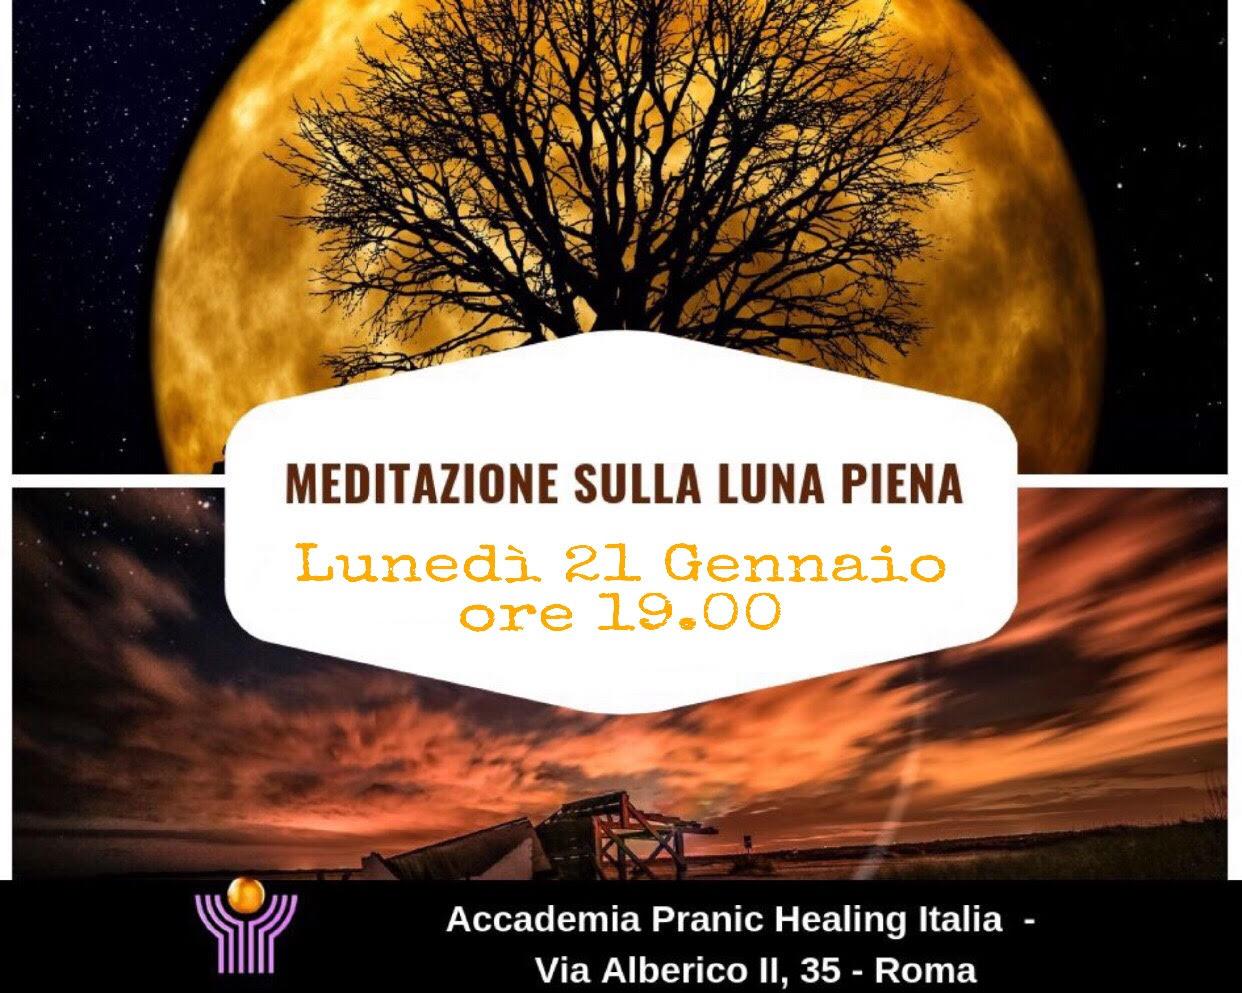 MEDITAZIONE SULLA LUNA PIENA – 21 GENNAIO 2019 ORE 19.00